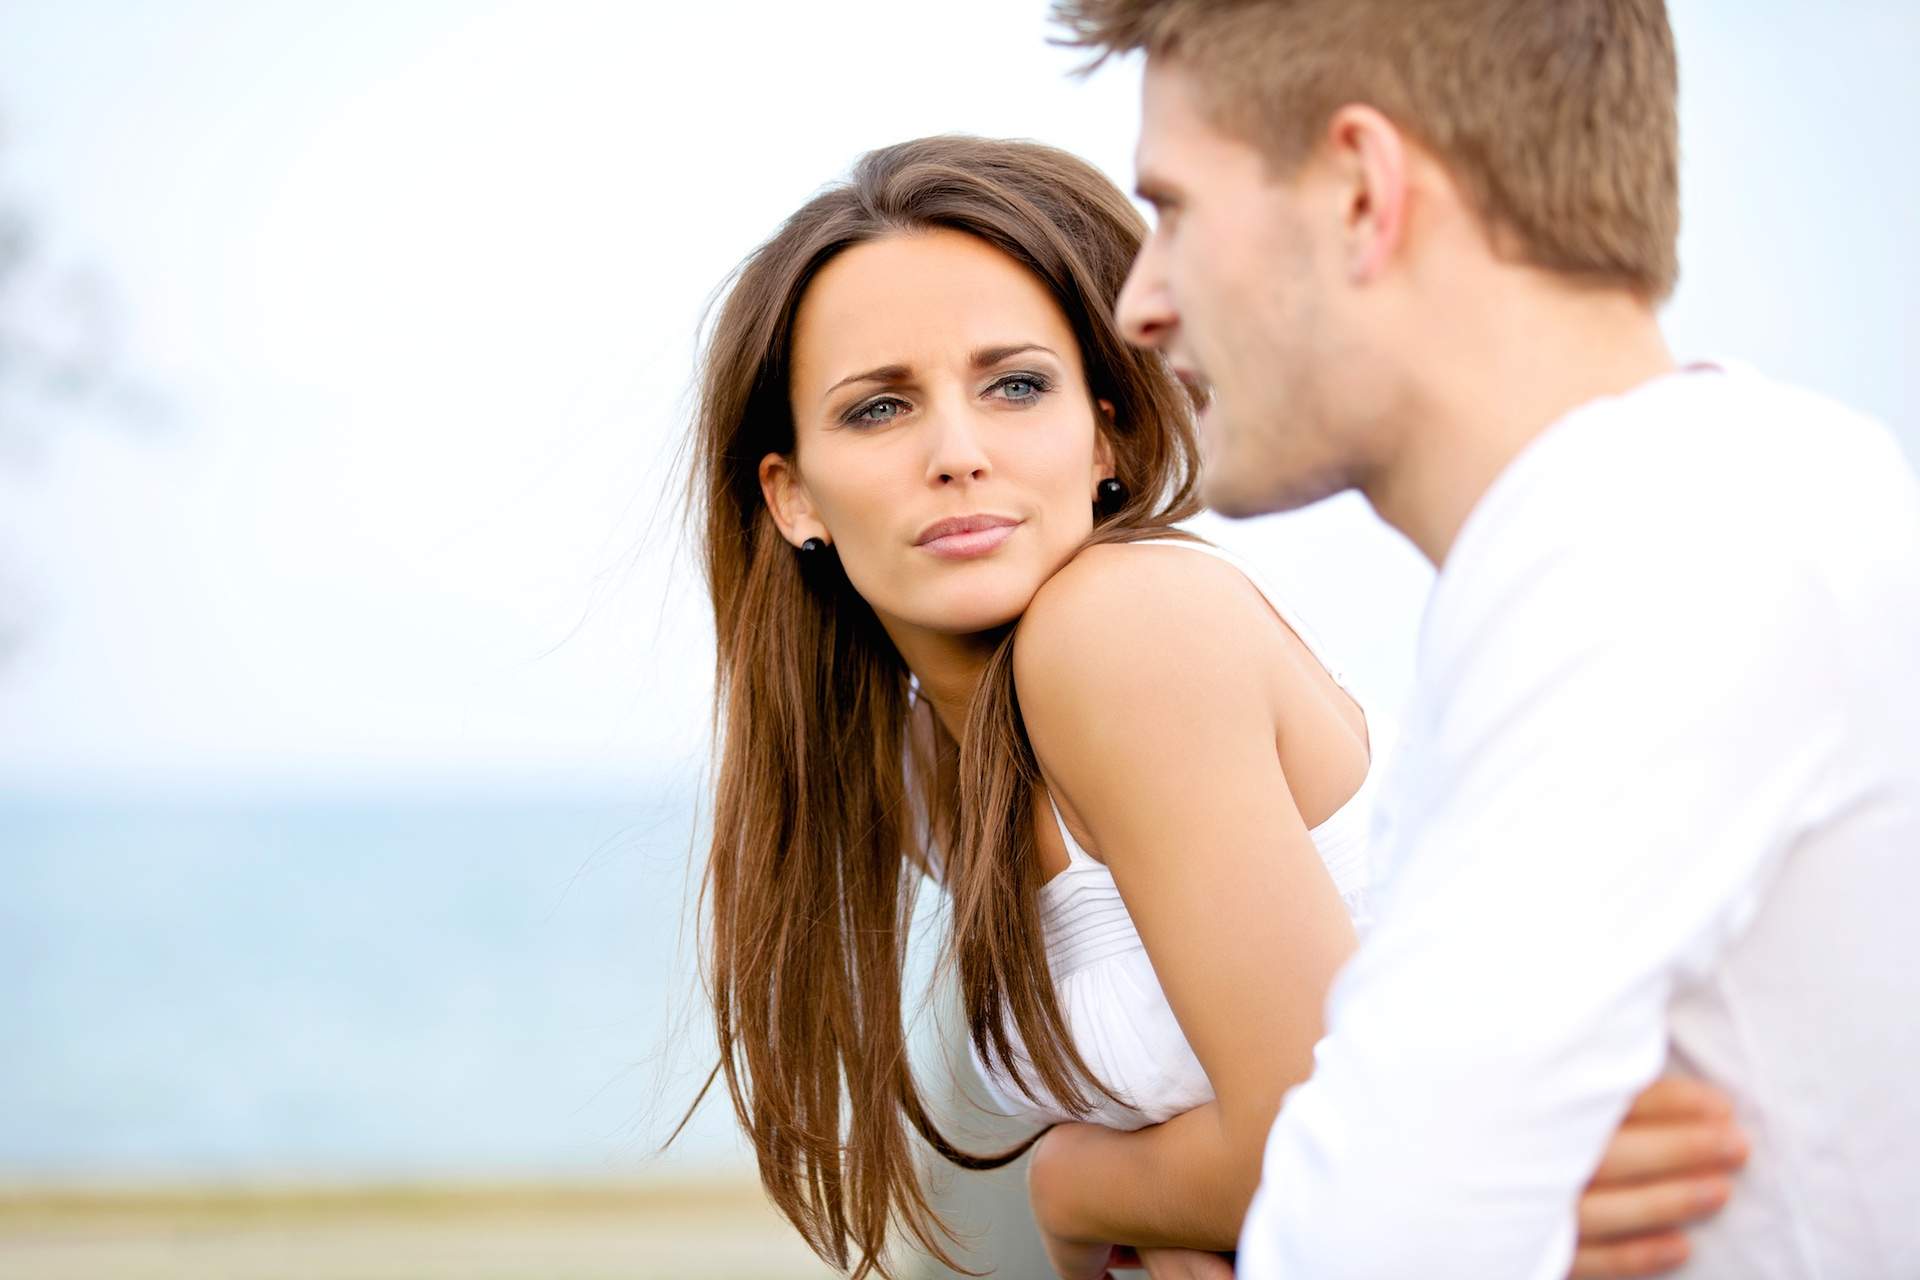 Чем хороши свободные отношения и что это такое: плюсы и минусы, мнение мужчин и женщин